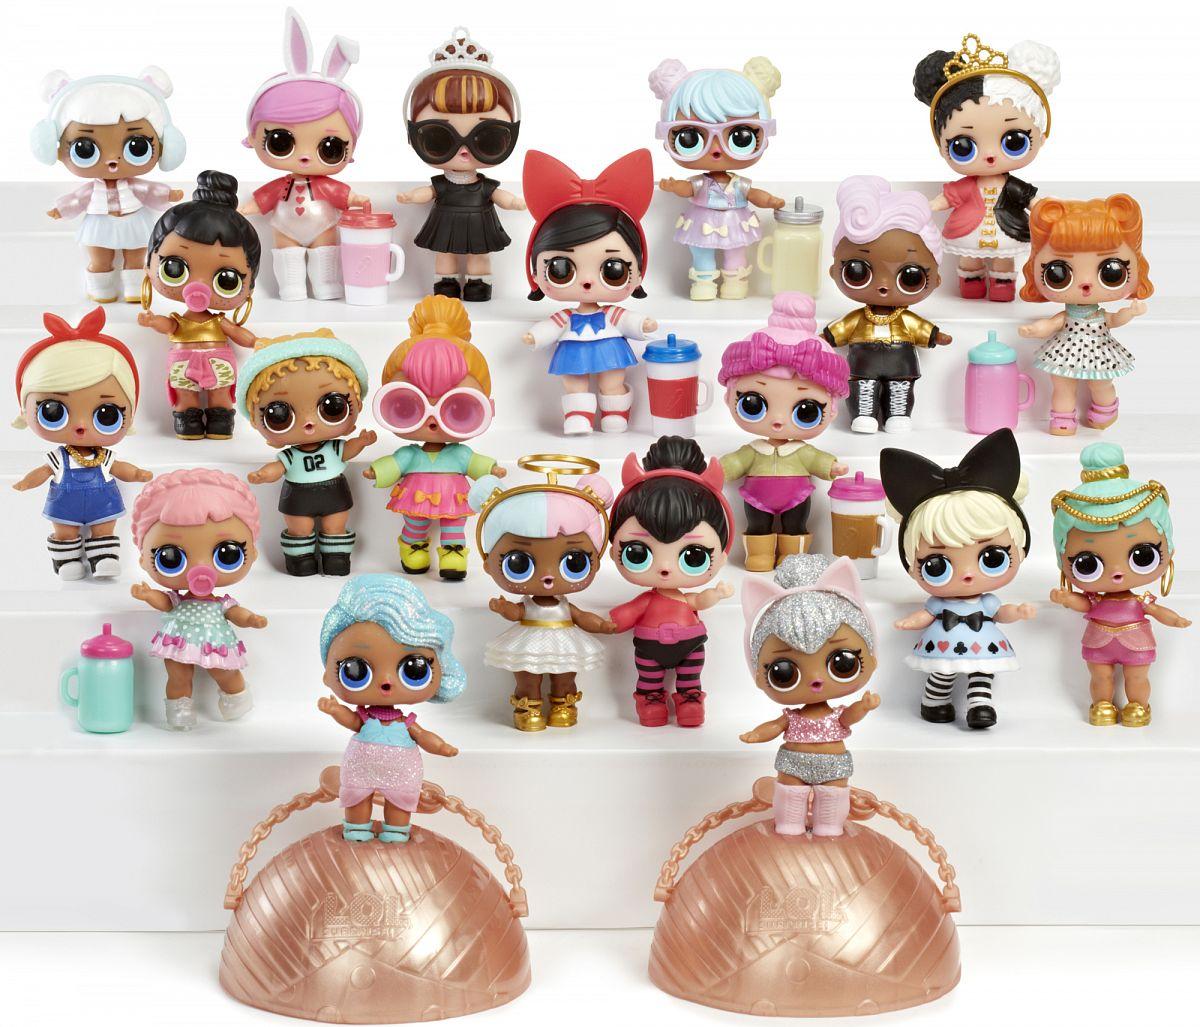 fb4b0dbbb2bb Кукла-сюрприз LOL LOL Surprise Series в шарике в ассортименте ...